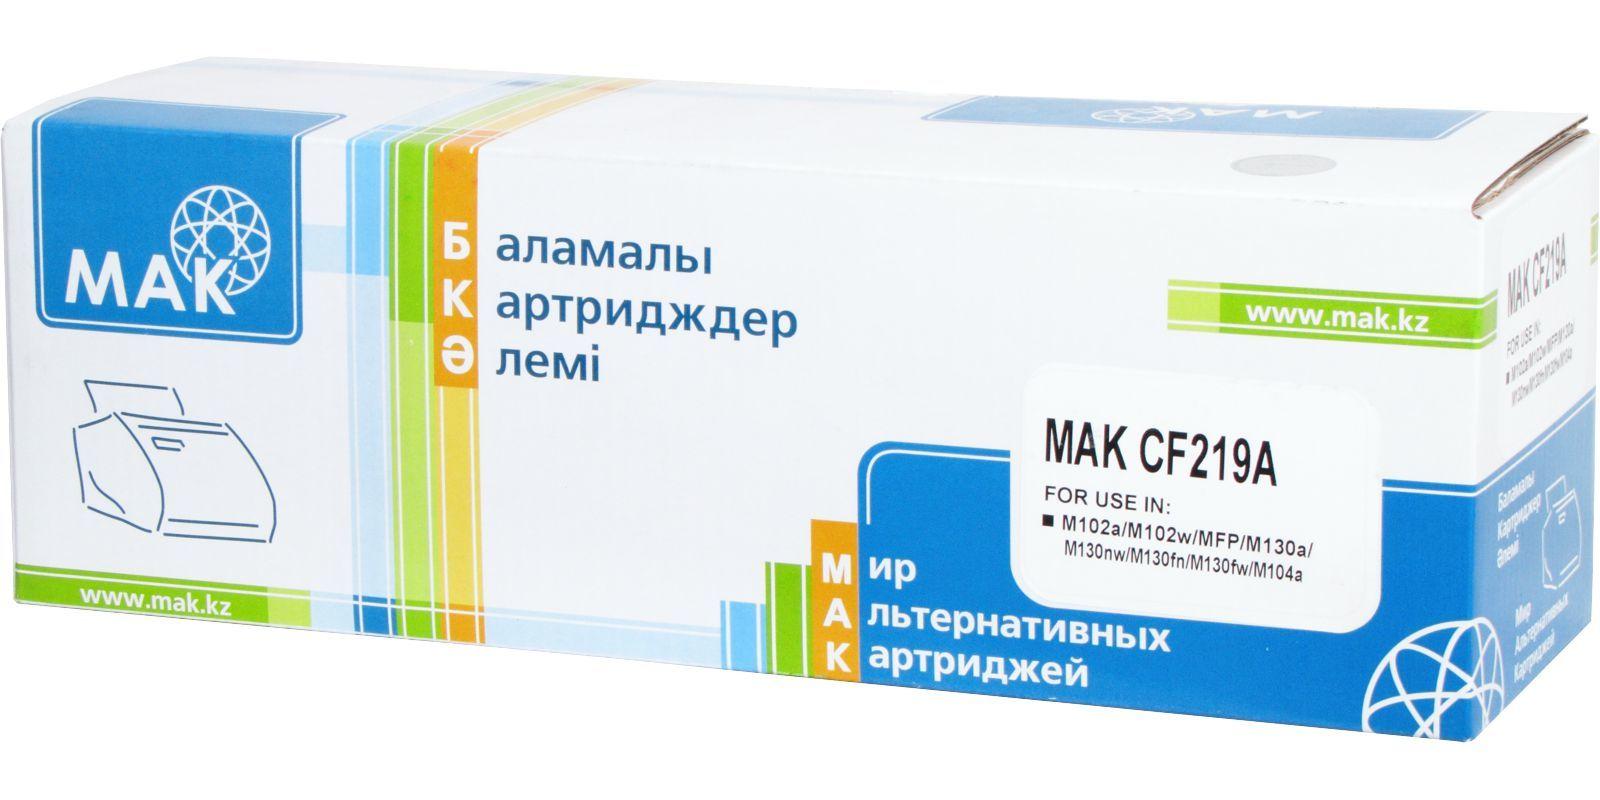 Картридж лазерный MAK© №19A CF219A w/o CHIP DRUM, черный, БЕЗ ЧИПА 12000 стр, для HP фото